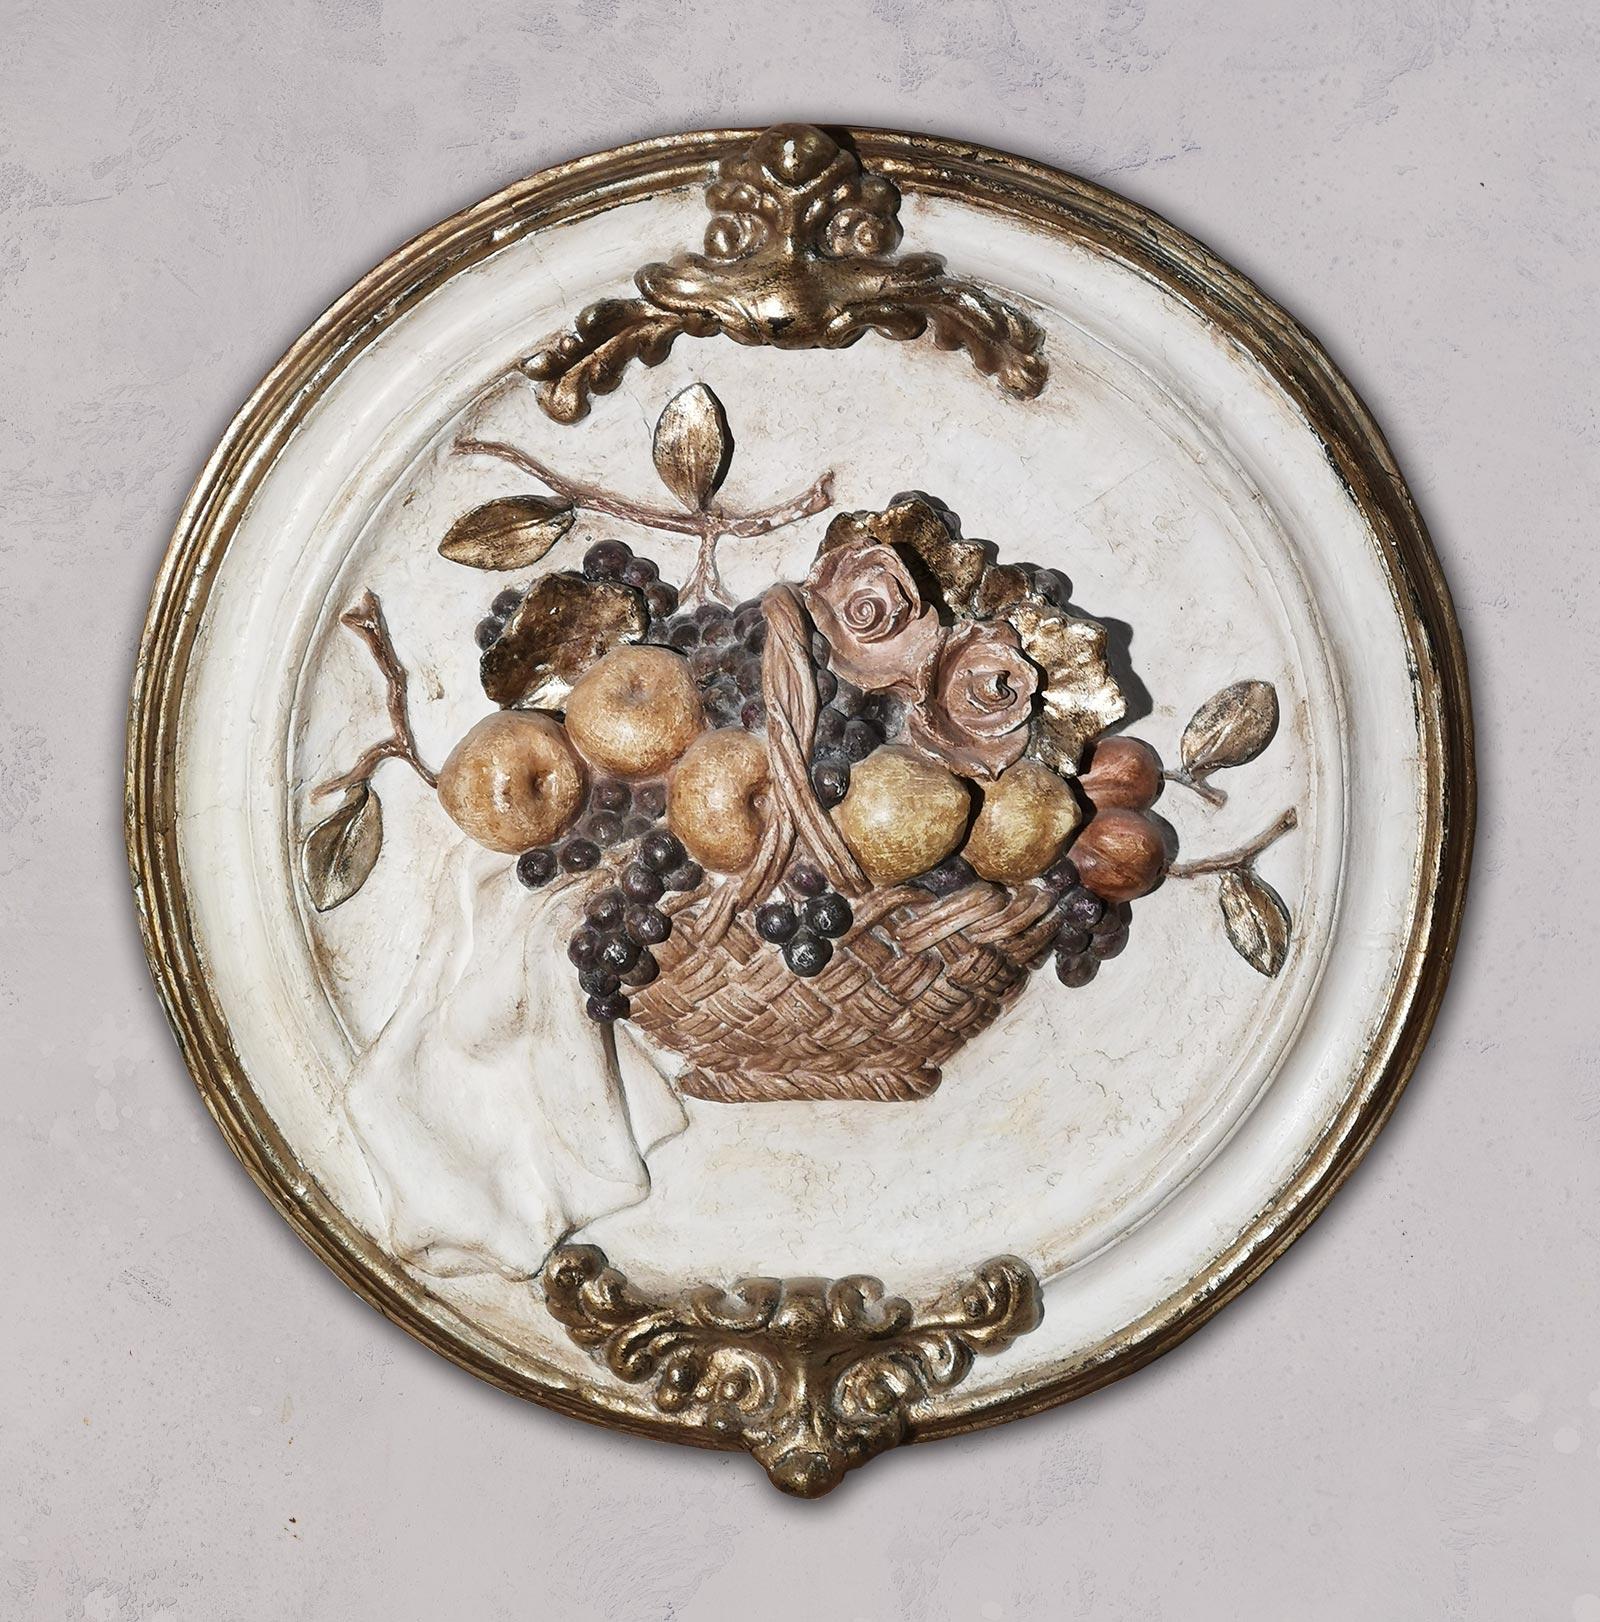 cerchio-di-frutta-studio17-caterina-sbrana-gabriele-mallegni-0